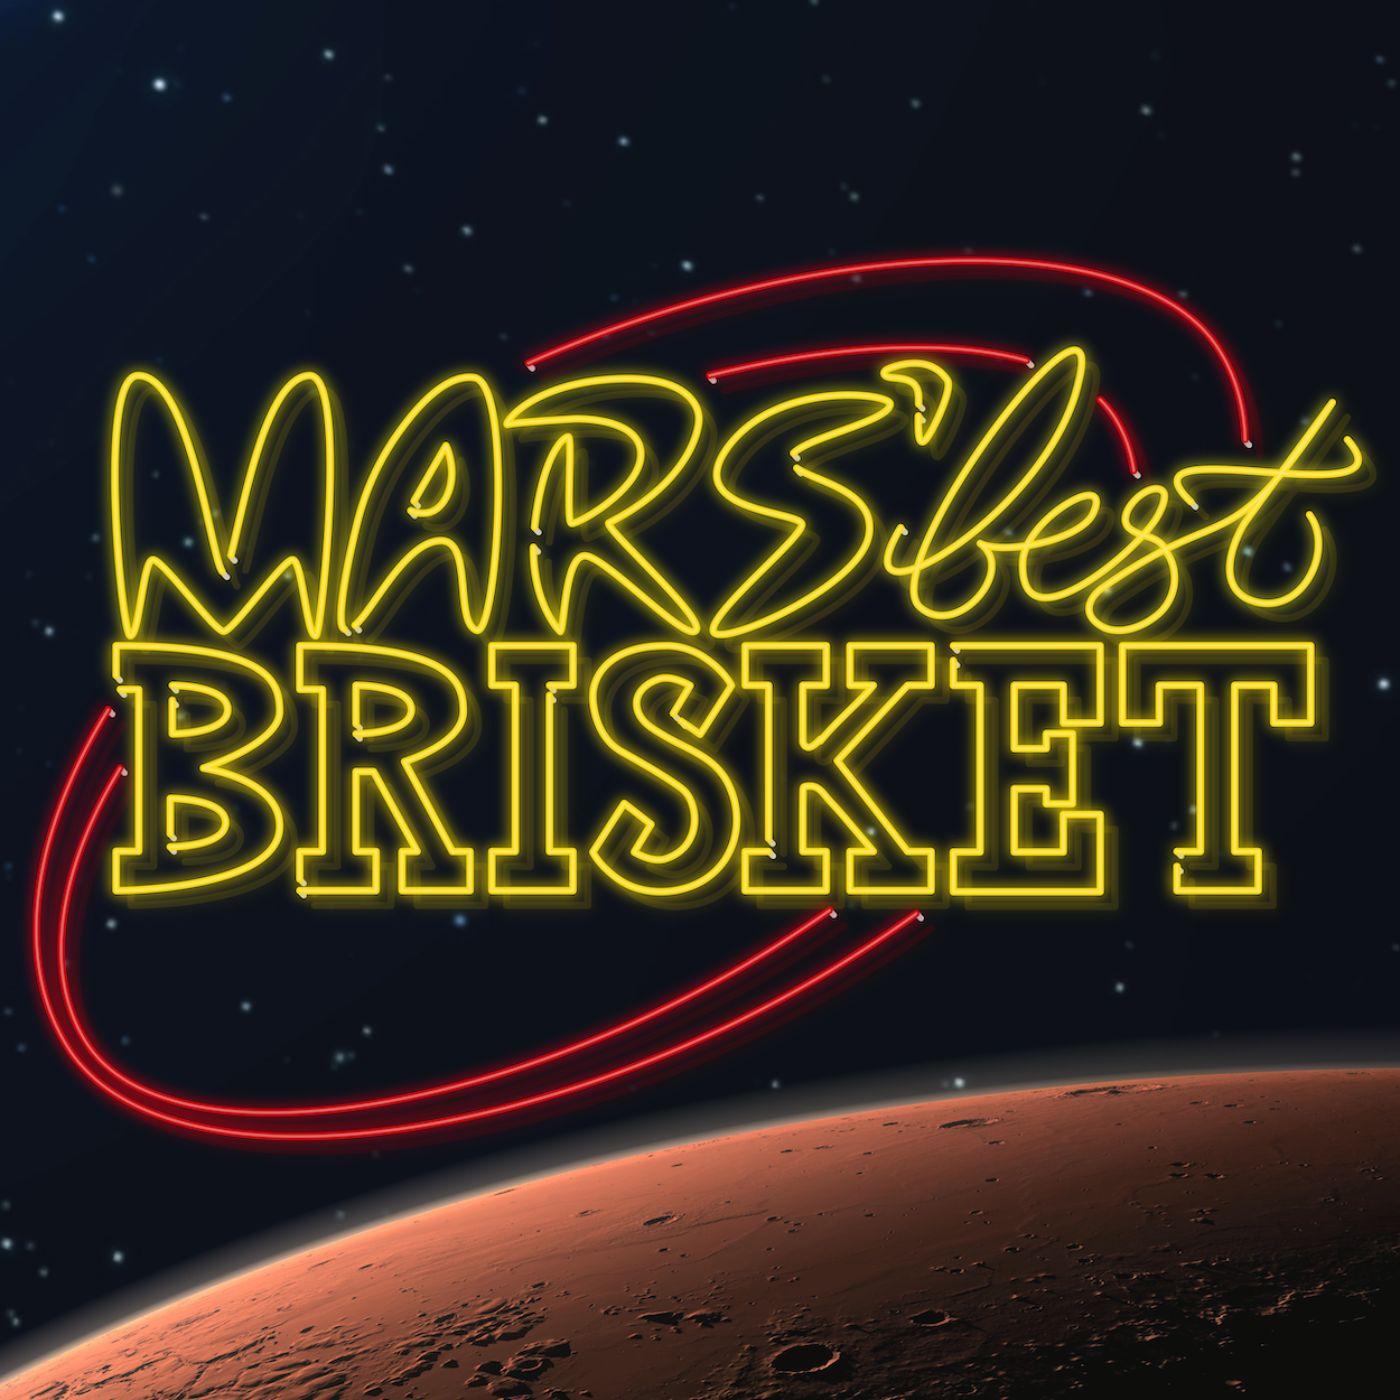 Mars' Best Brisket